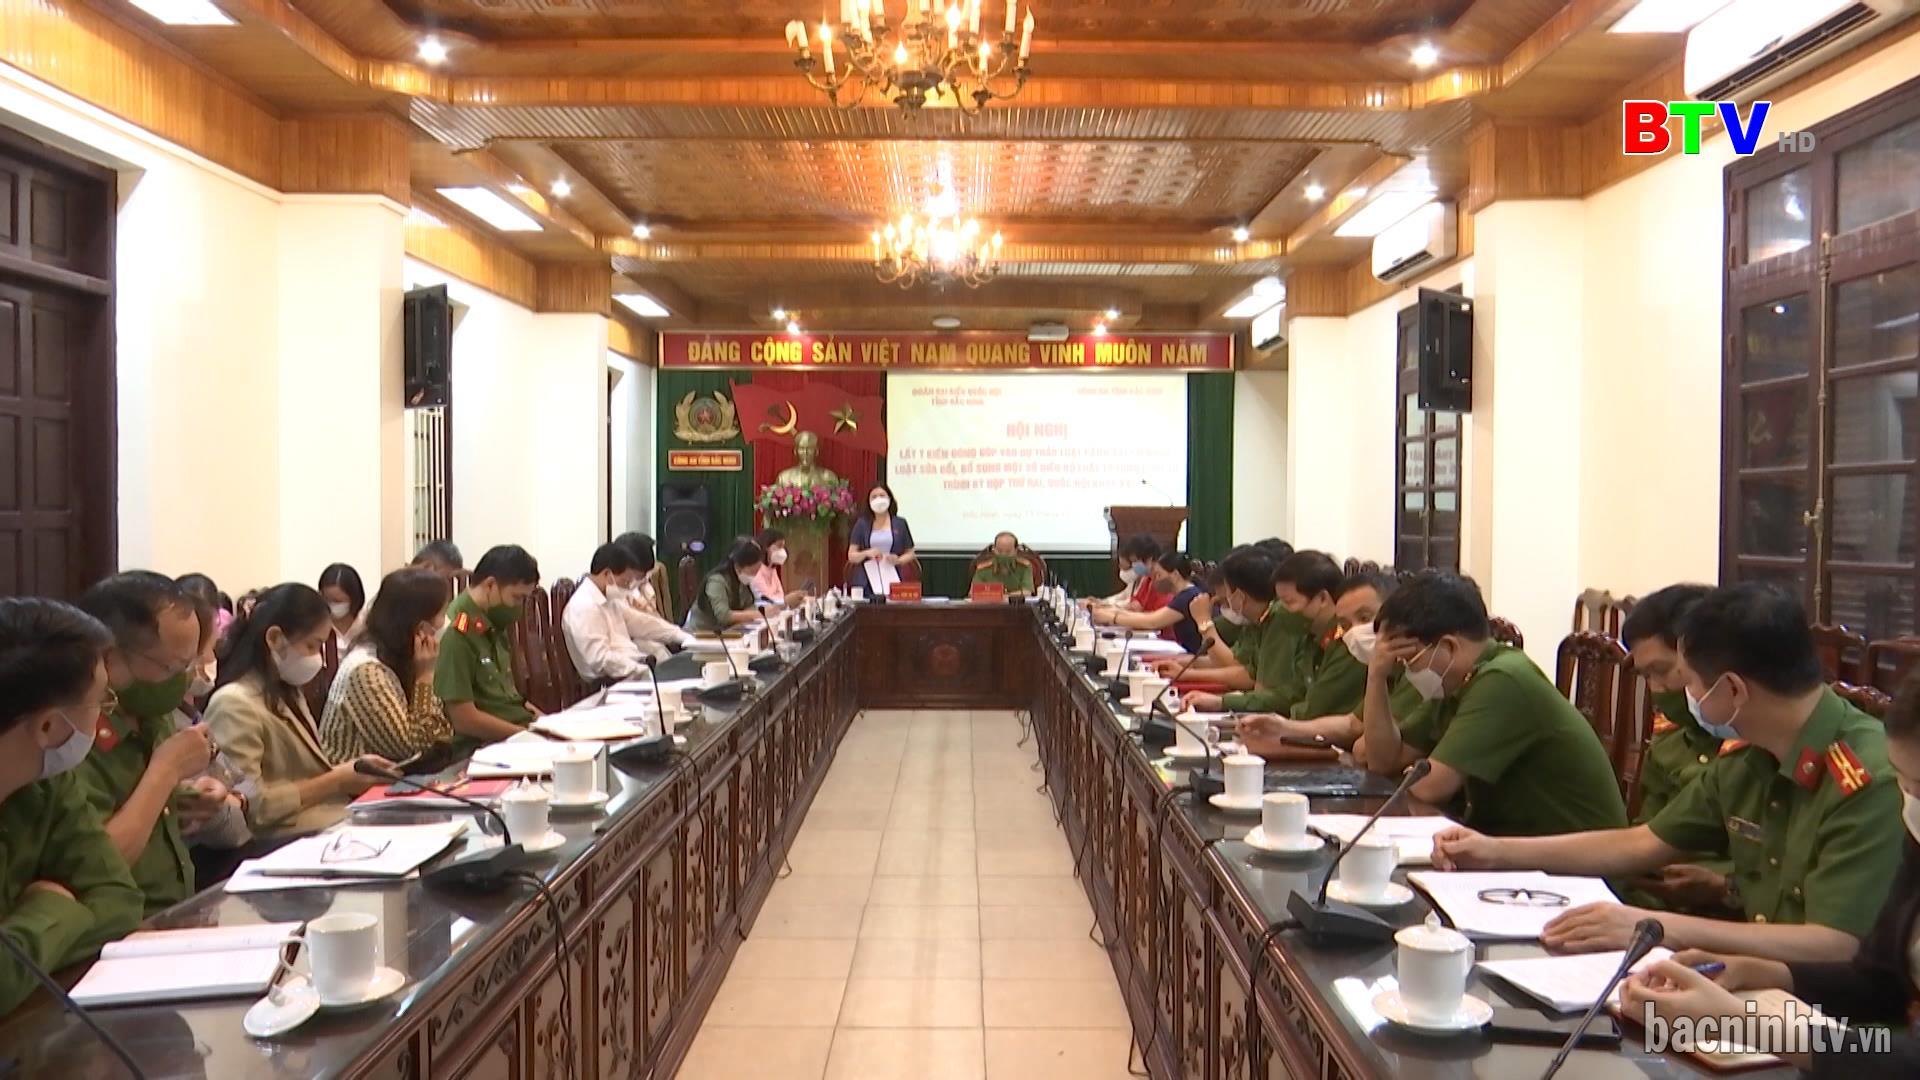 Đoàn Đại biểu Quốc hội tỉnh lấy ý kiến đóng góp vào các dự thảo Luật